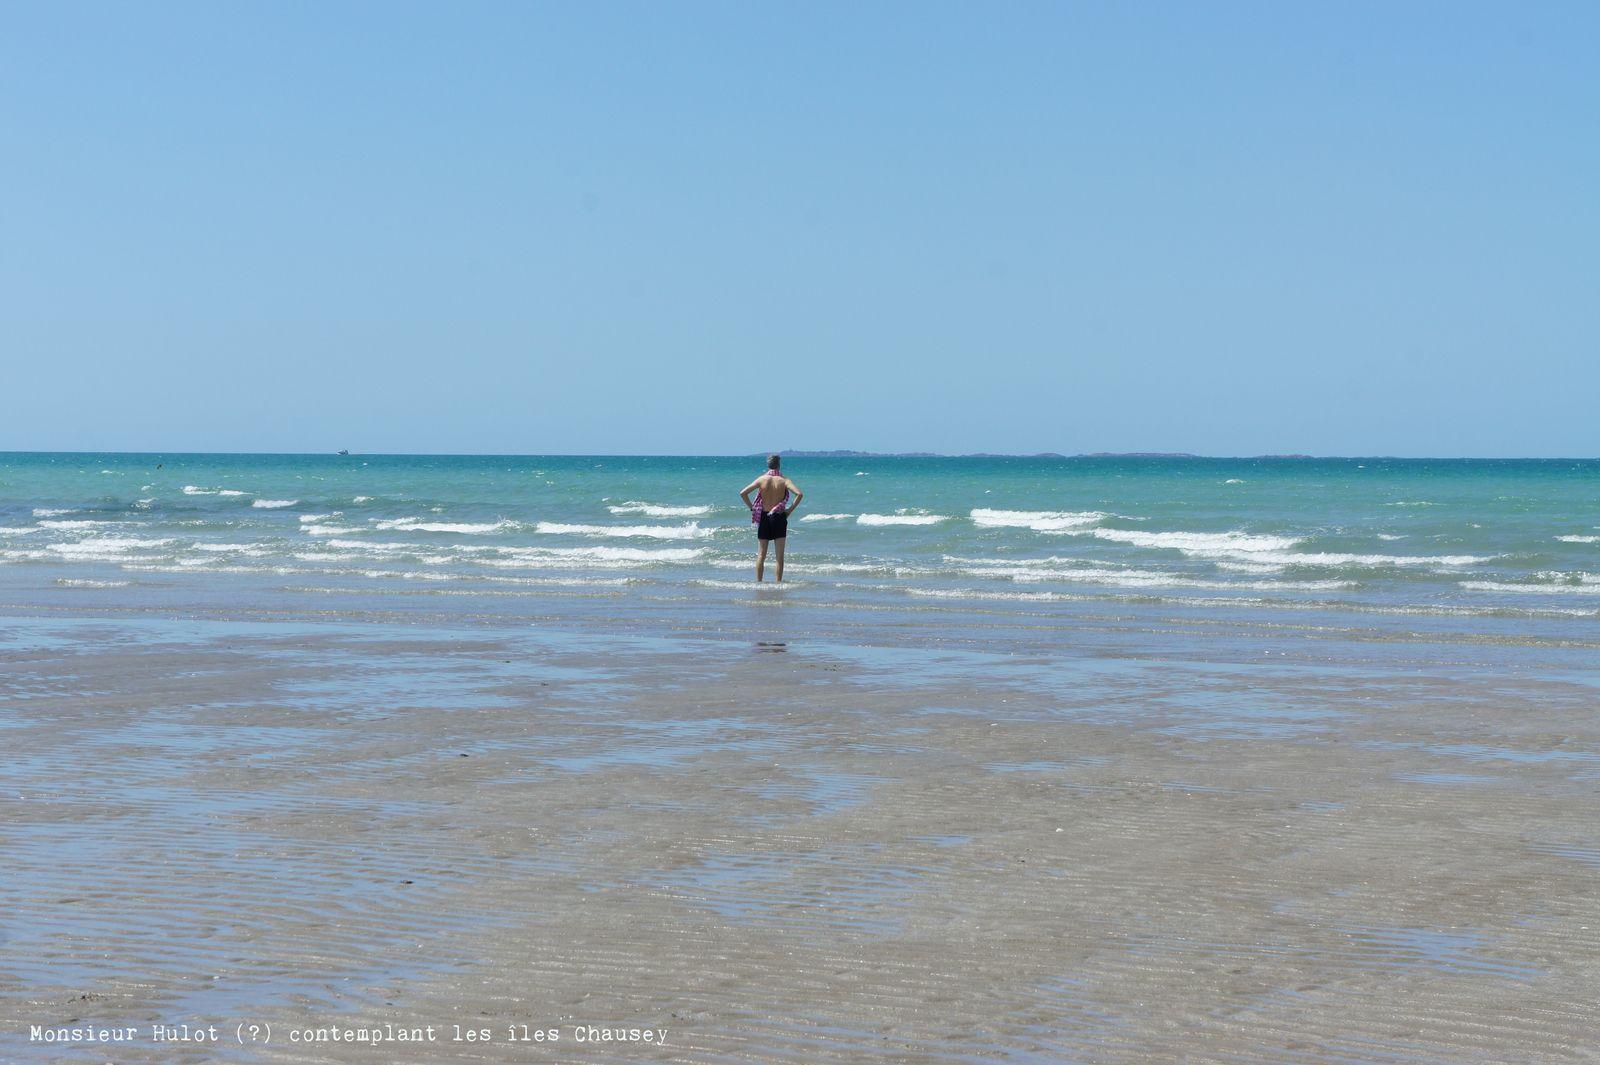 M. Hulot (?) contemplant les îles Chausey